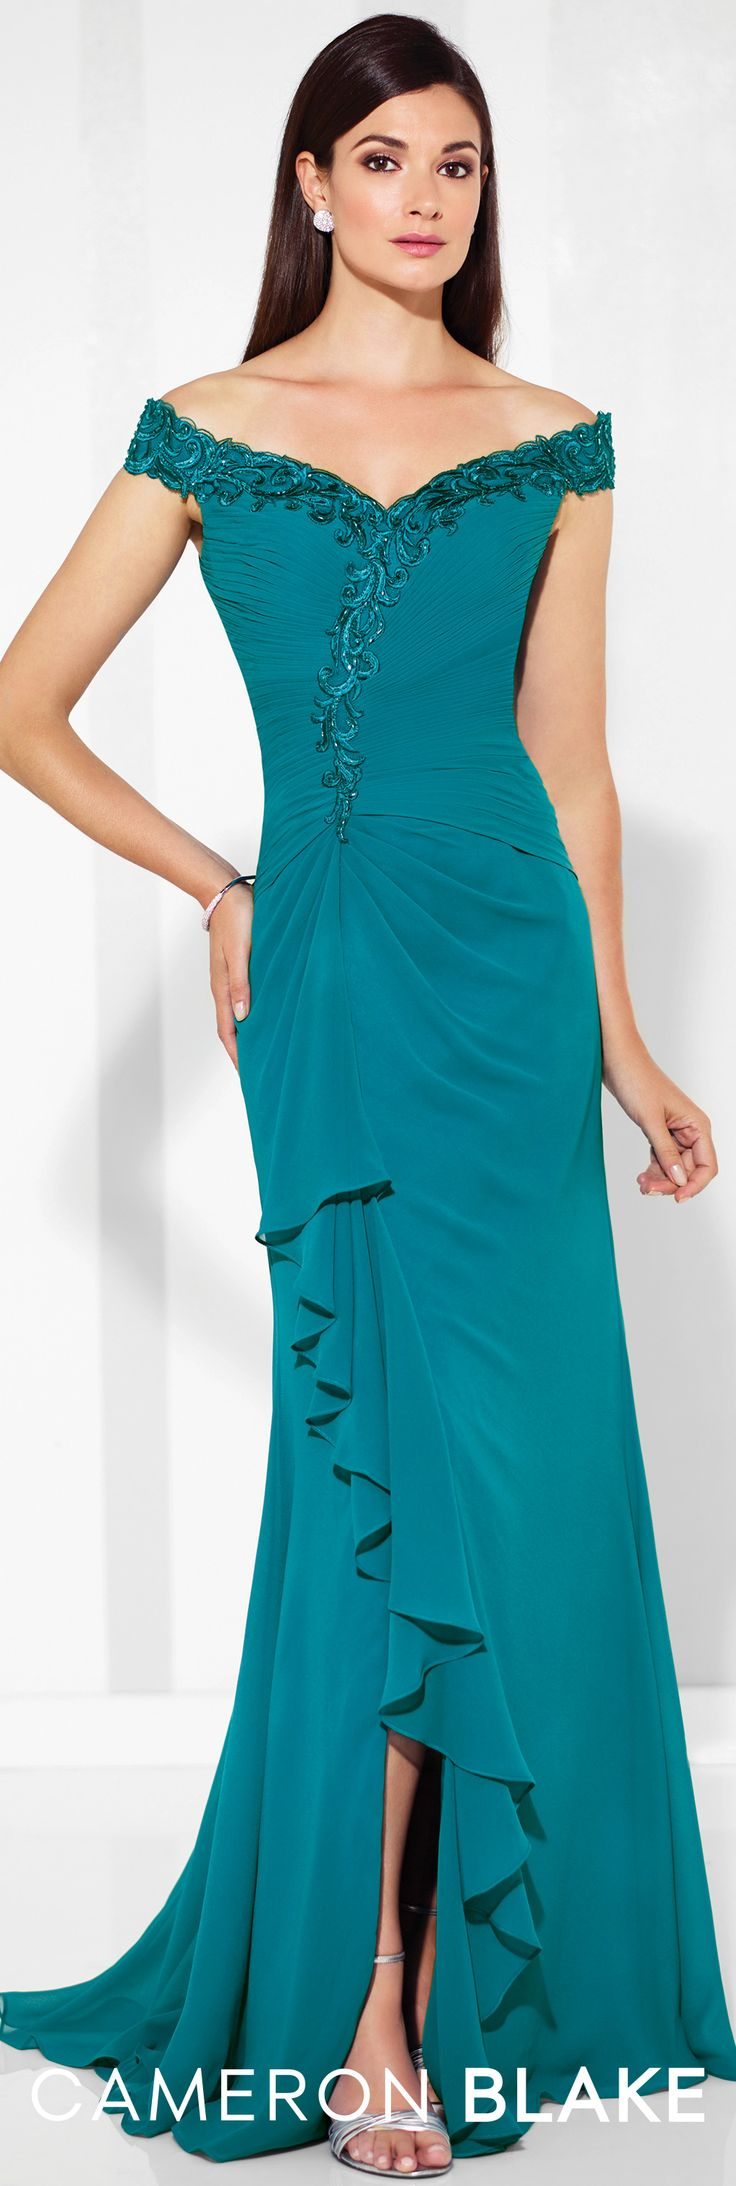 Best 25+ Chiffon evening dresses ideas on Pinterest | Silver ball ...